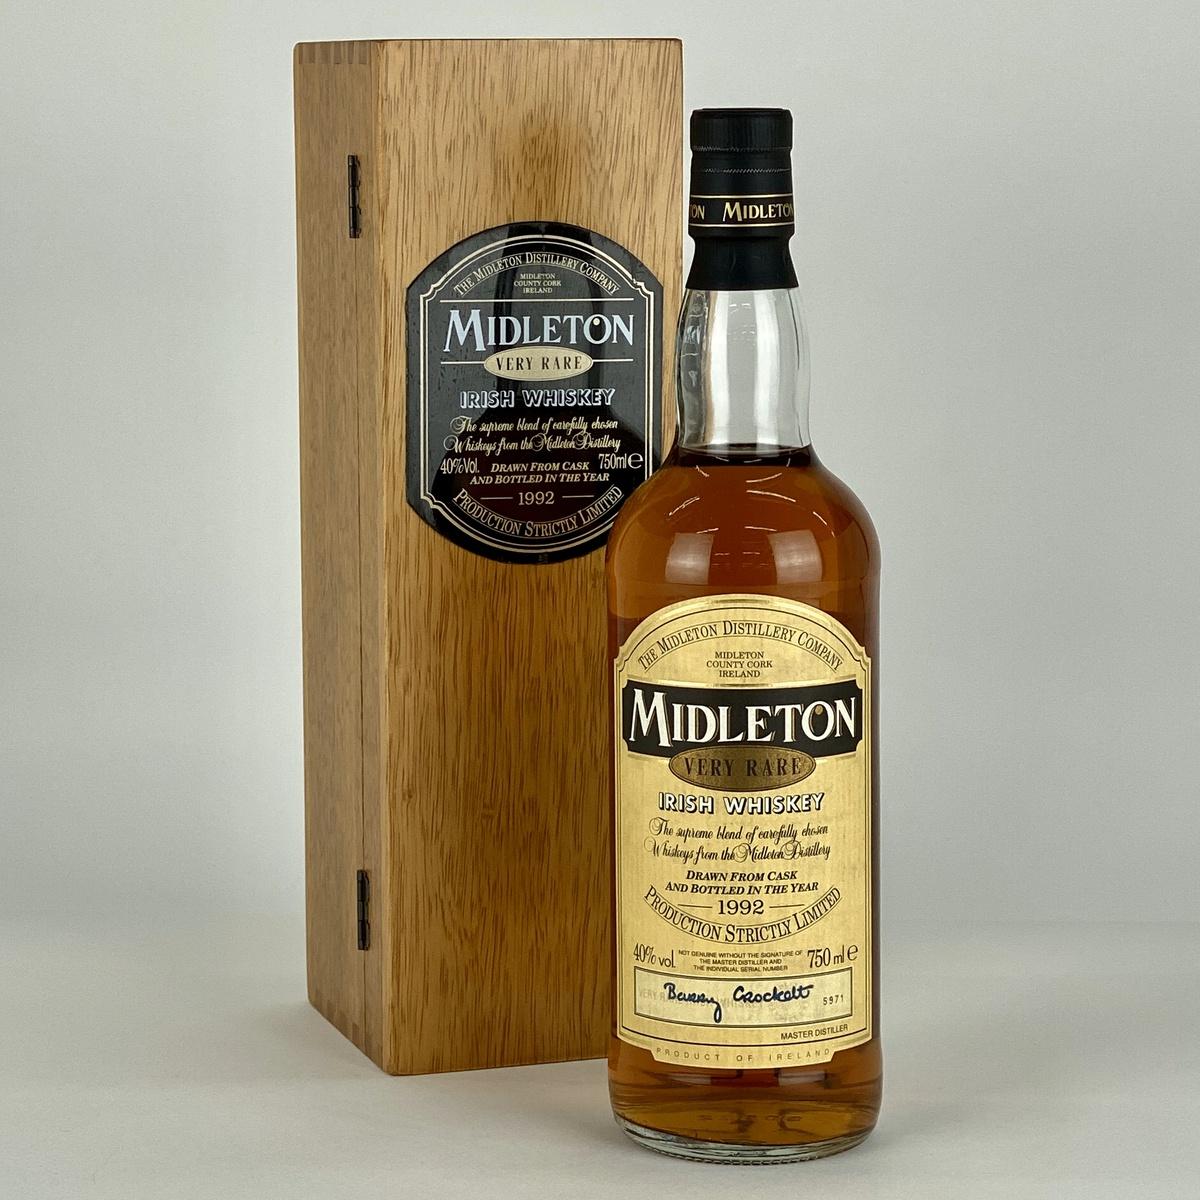 ミドルトン ベリーレア 1992 750ml スコッチウイスキー ブレンデッド 【古酒】